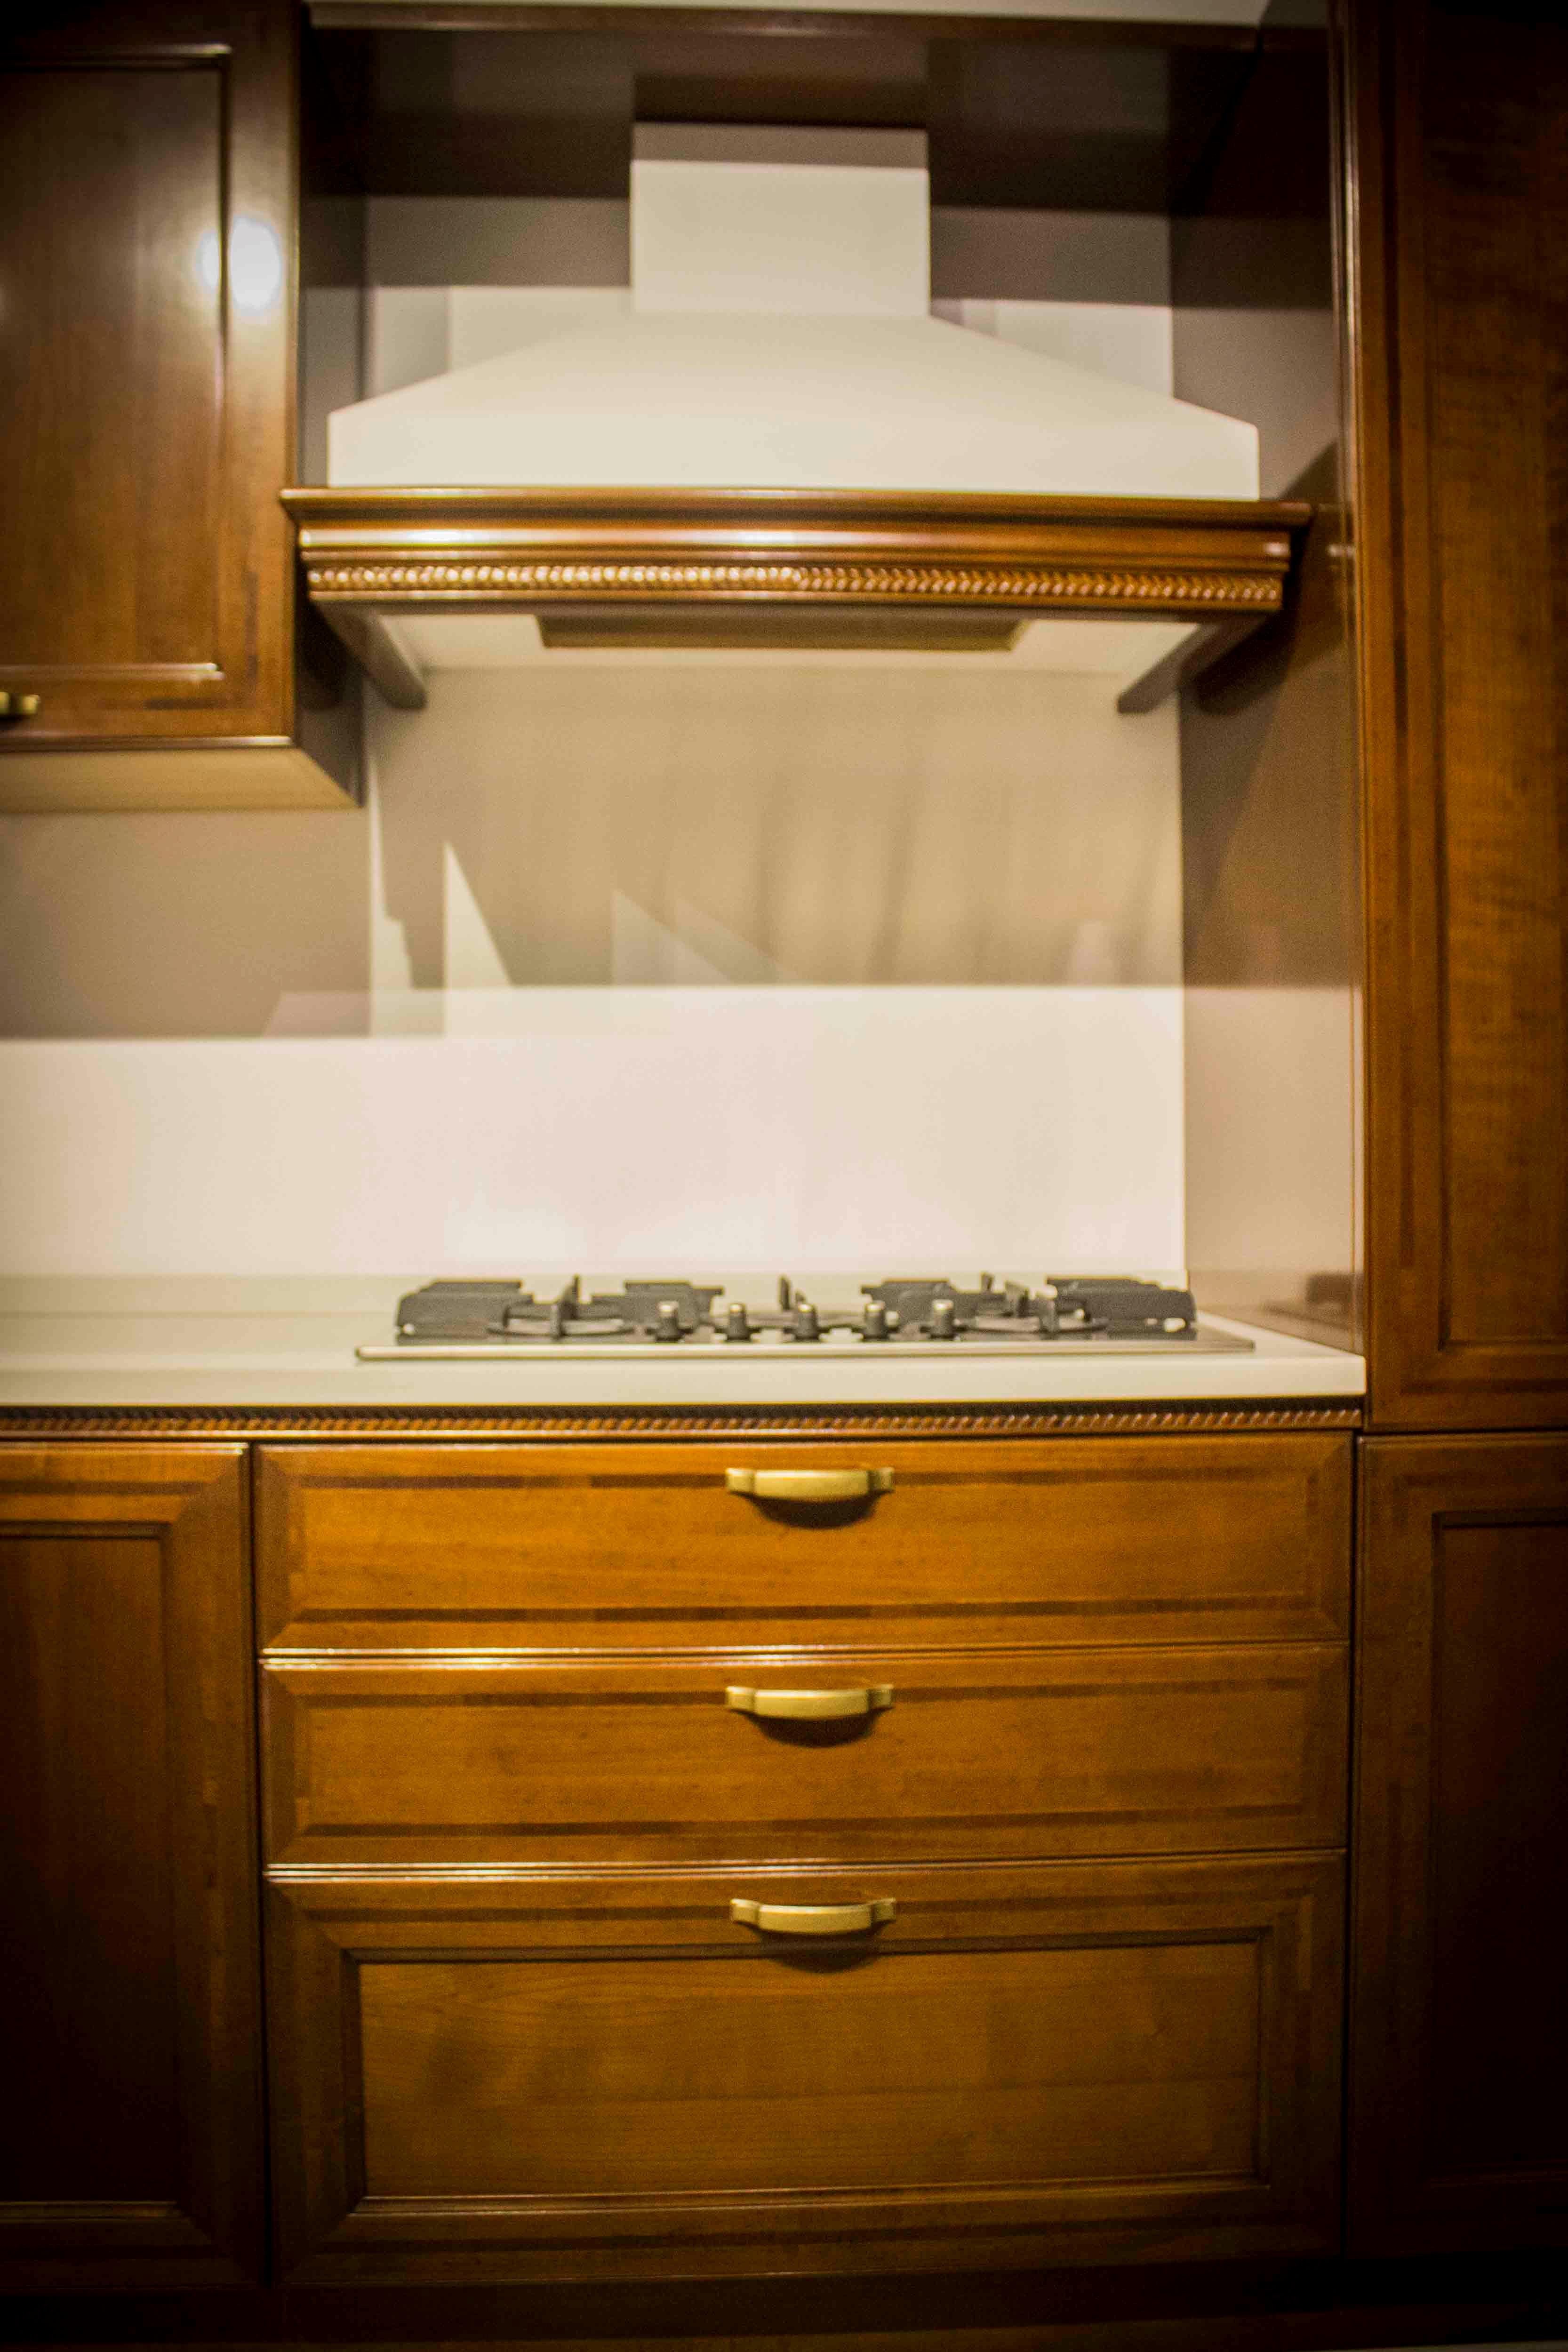 Awesome Prezzi Cucine Le Fablier Photos - Home Design Ideas 2017 ...